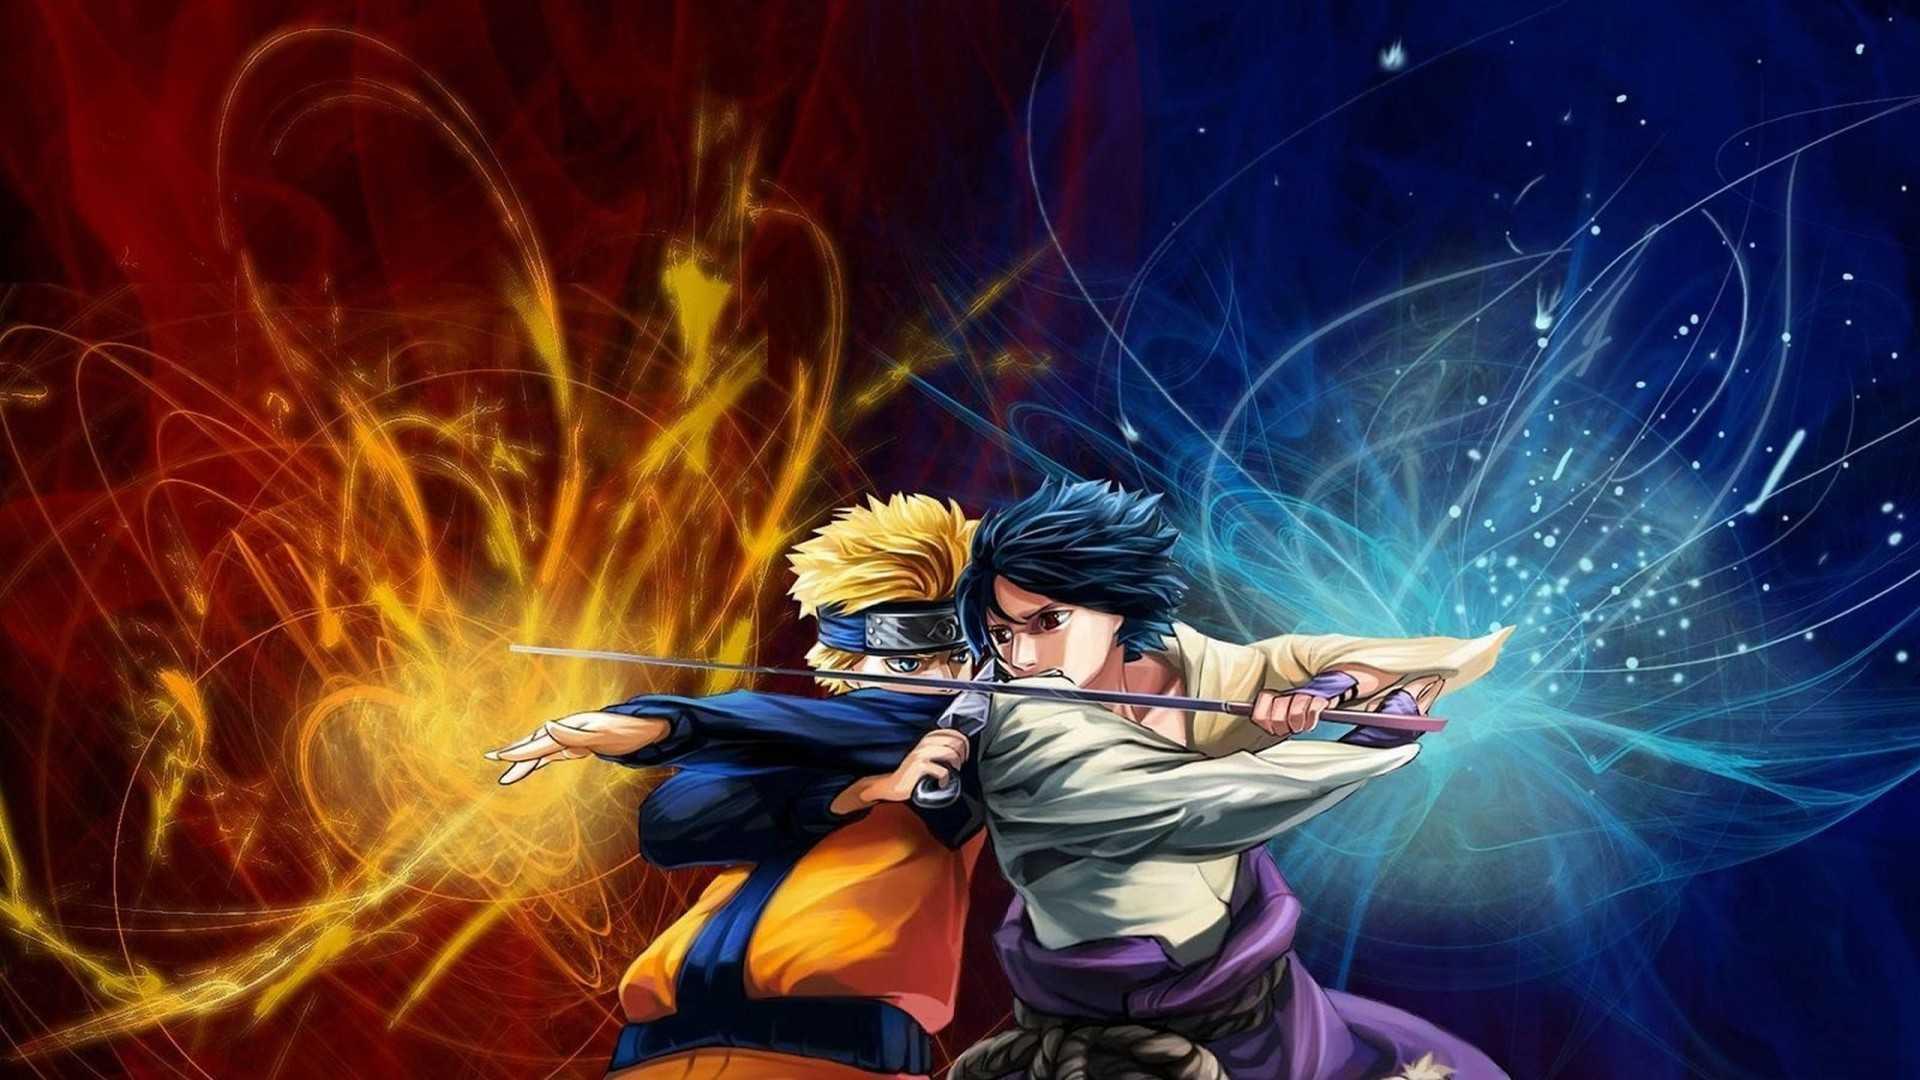 Naruto Uzumaki Naruto Wallpaper Wallpaper Anime